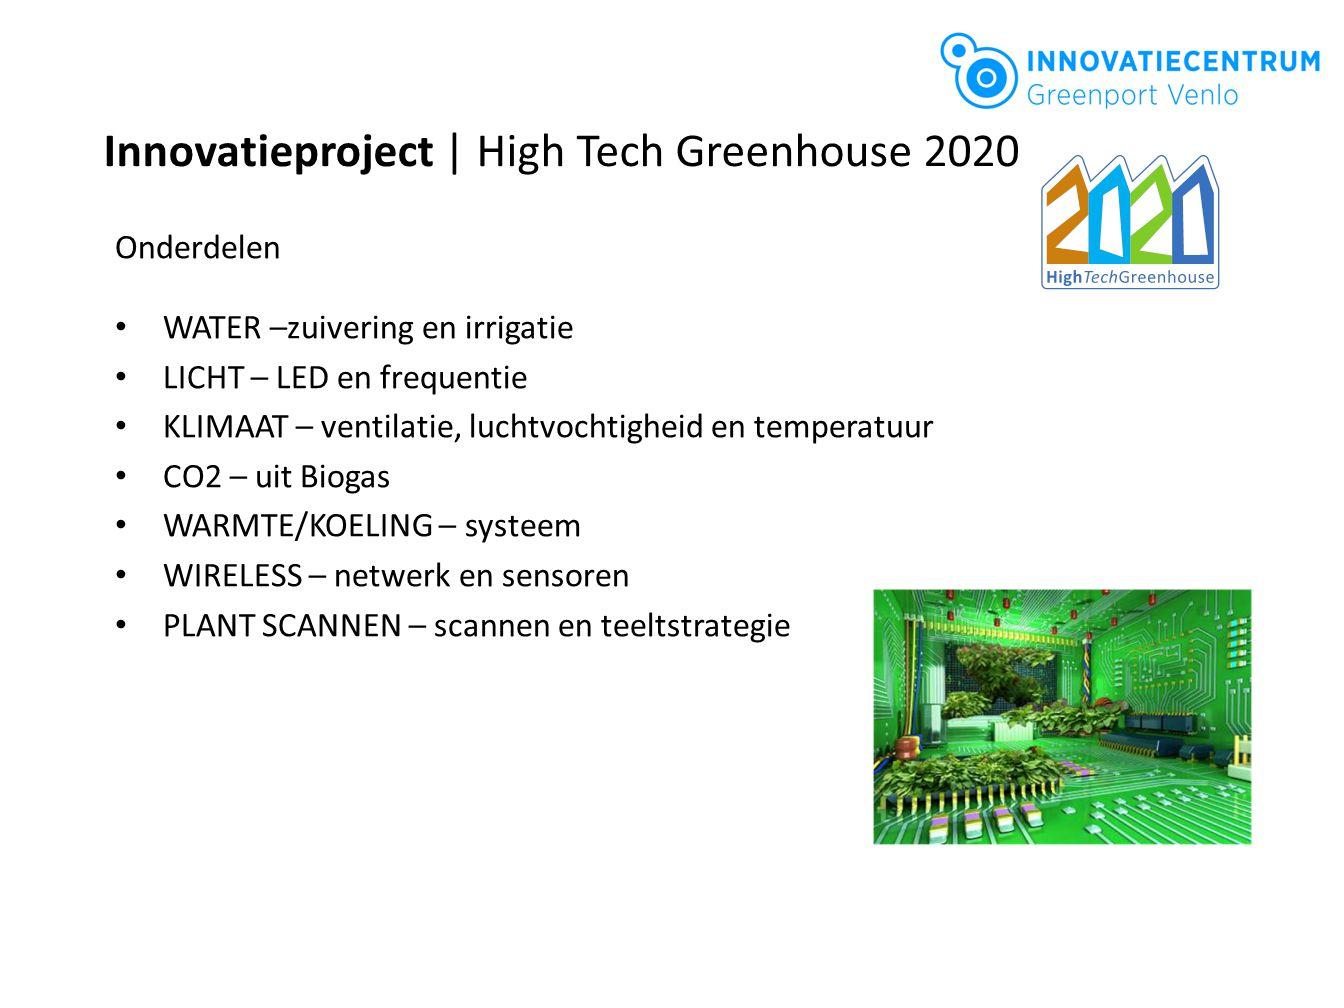 Innovatieproject | High Tech Greenhouse 2020 Onderdelen WATER –zuivering en irrigatie LICHT – LED en frequentie KLIMAAT – ventilatie, luchtvochtigheid en temperatuur CO2 – uit Biogas WARMTE/KOELING – systeem WIRELESS – netwerk en sensoren PLANT SCANNEN – scannen en teeltstrategie